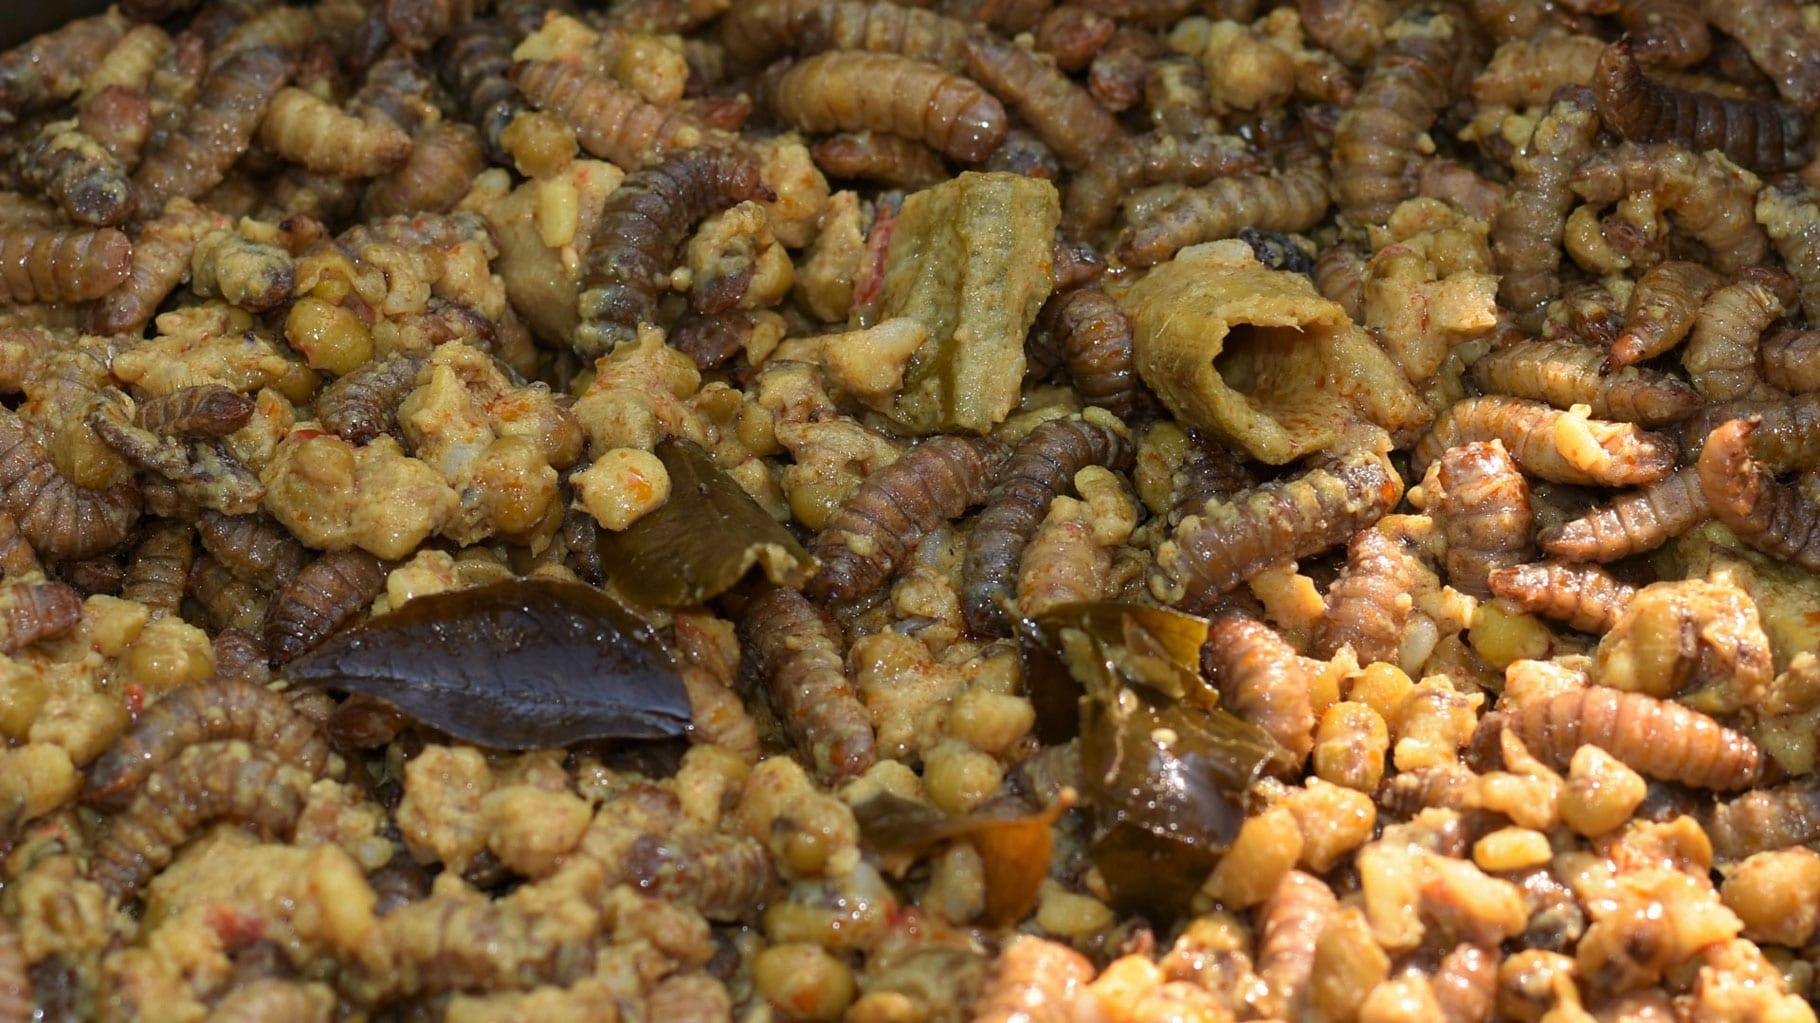 Würmer braune Schnecken, Nacktschnecken